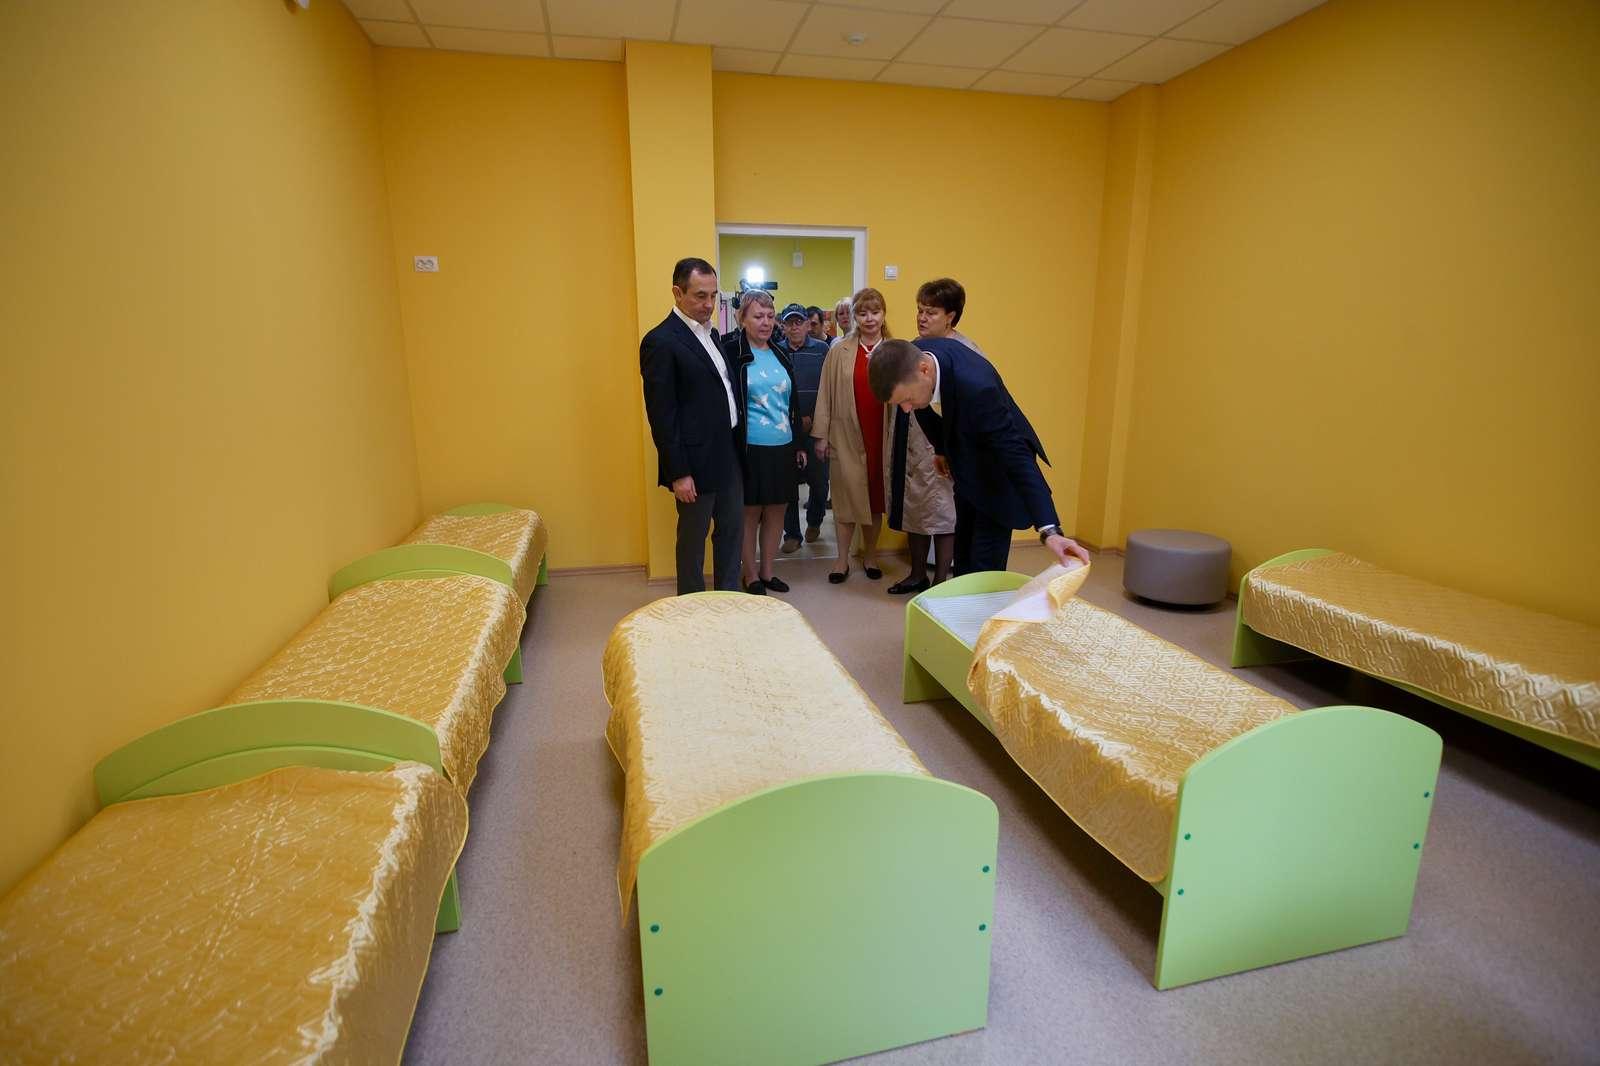 Новый детский сад откроют в микрорайоне Железнодорожный в Балашихе 1 сентября   Изображение 3